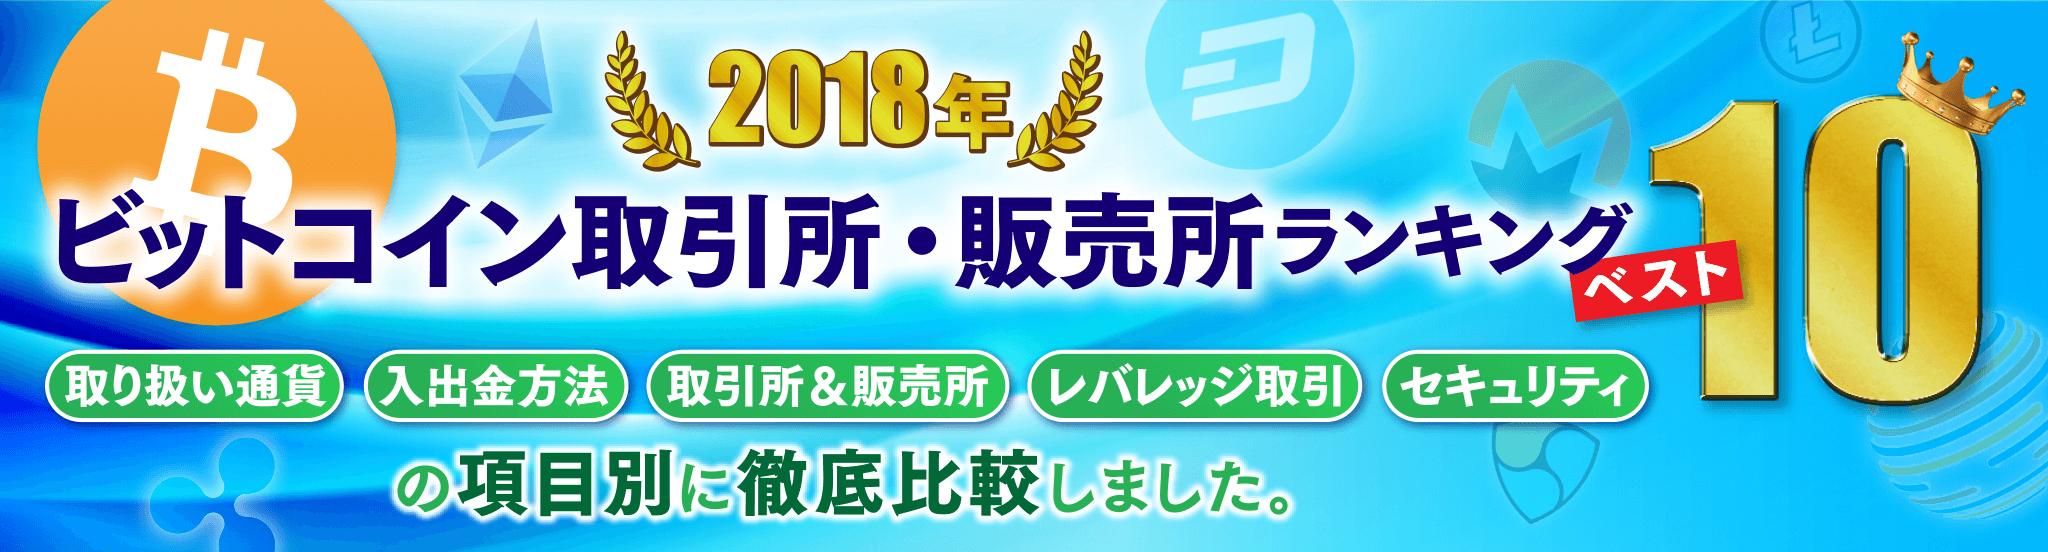 2018年ビットコイン取引所・販売所ランキングベスト10